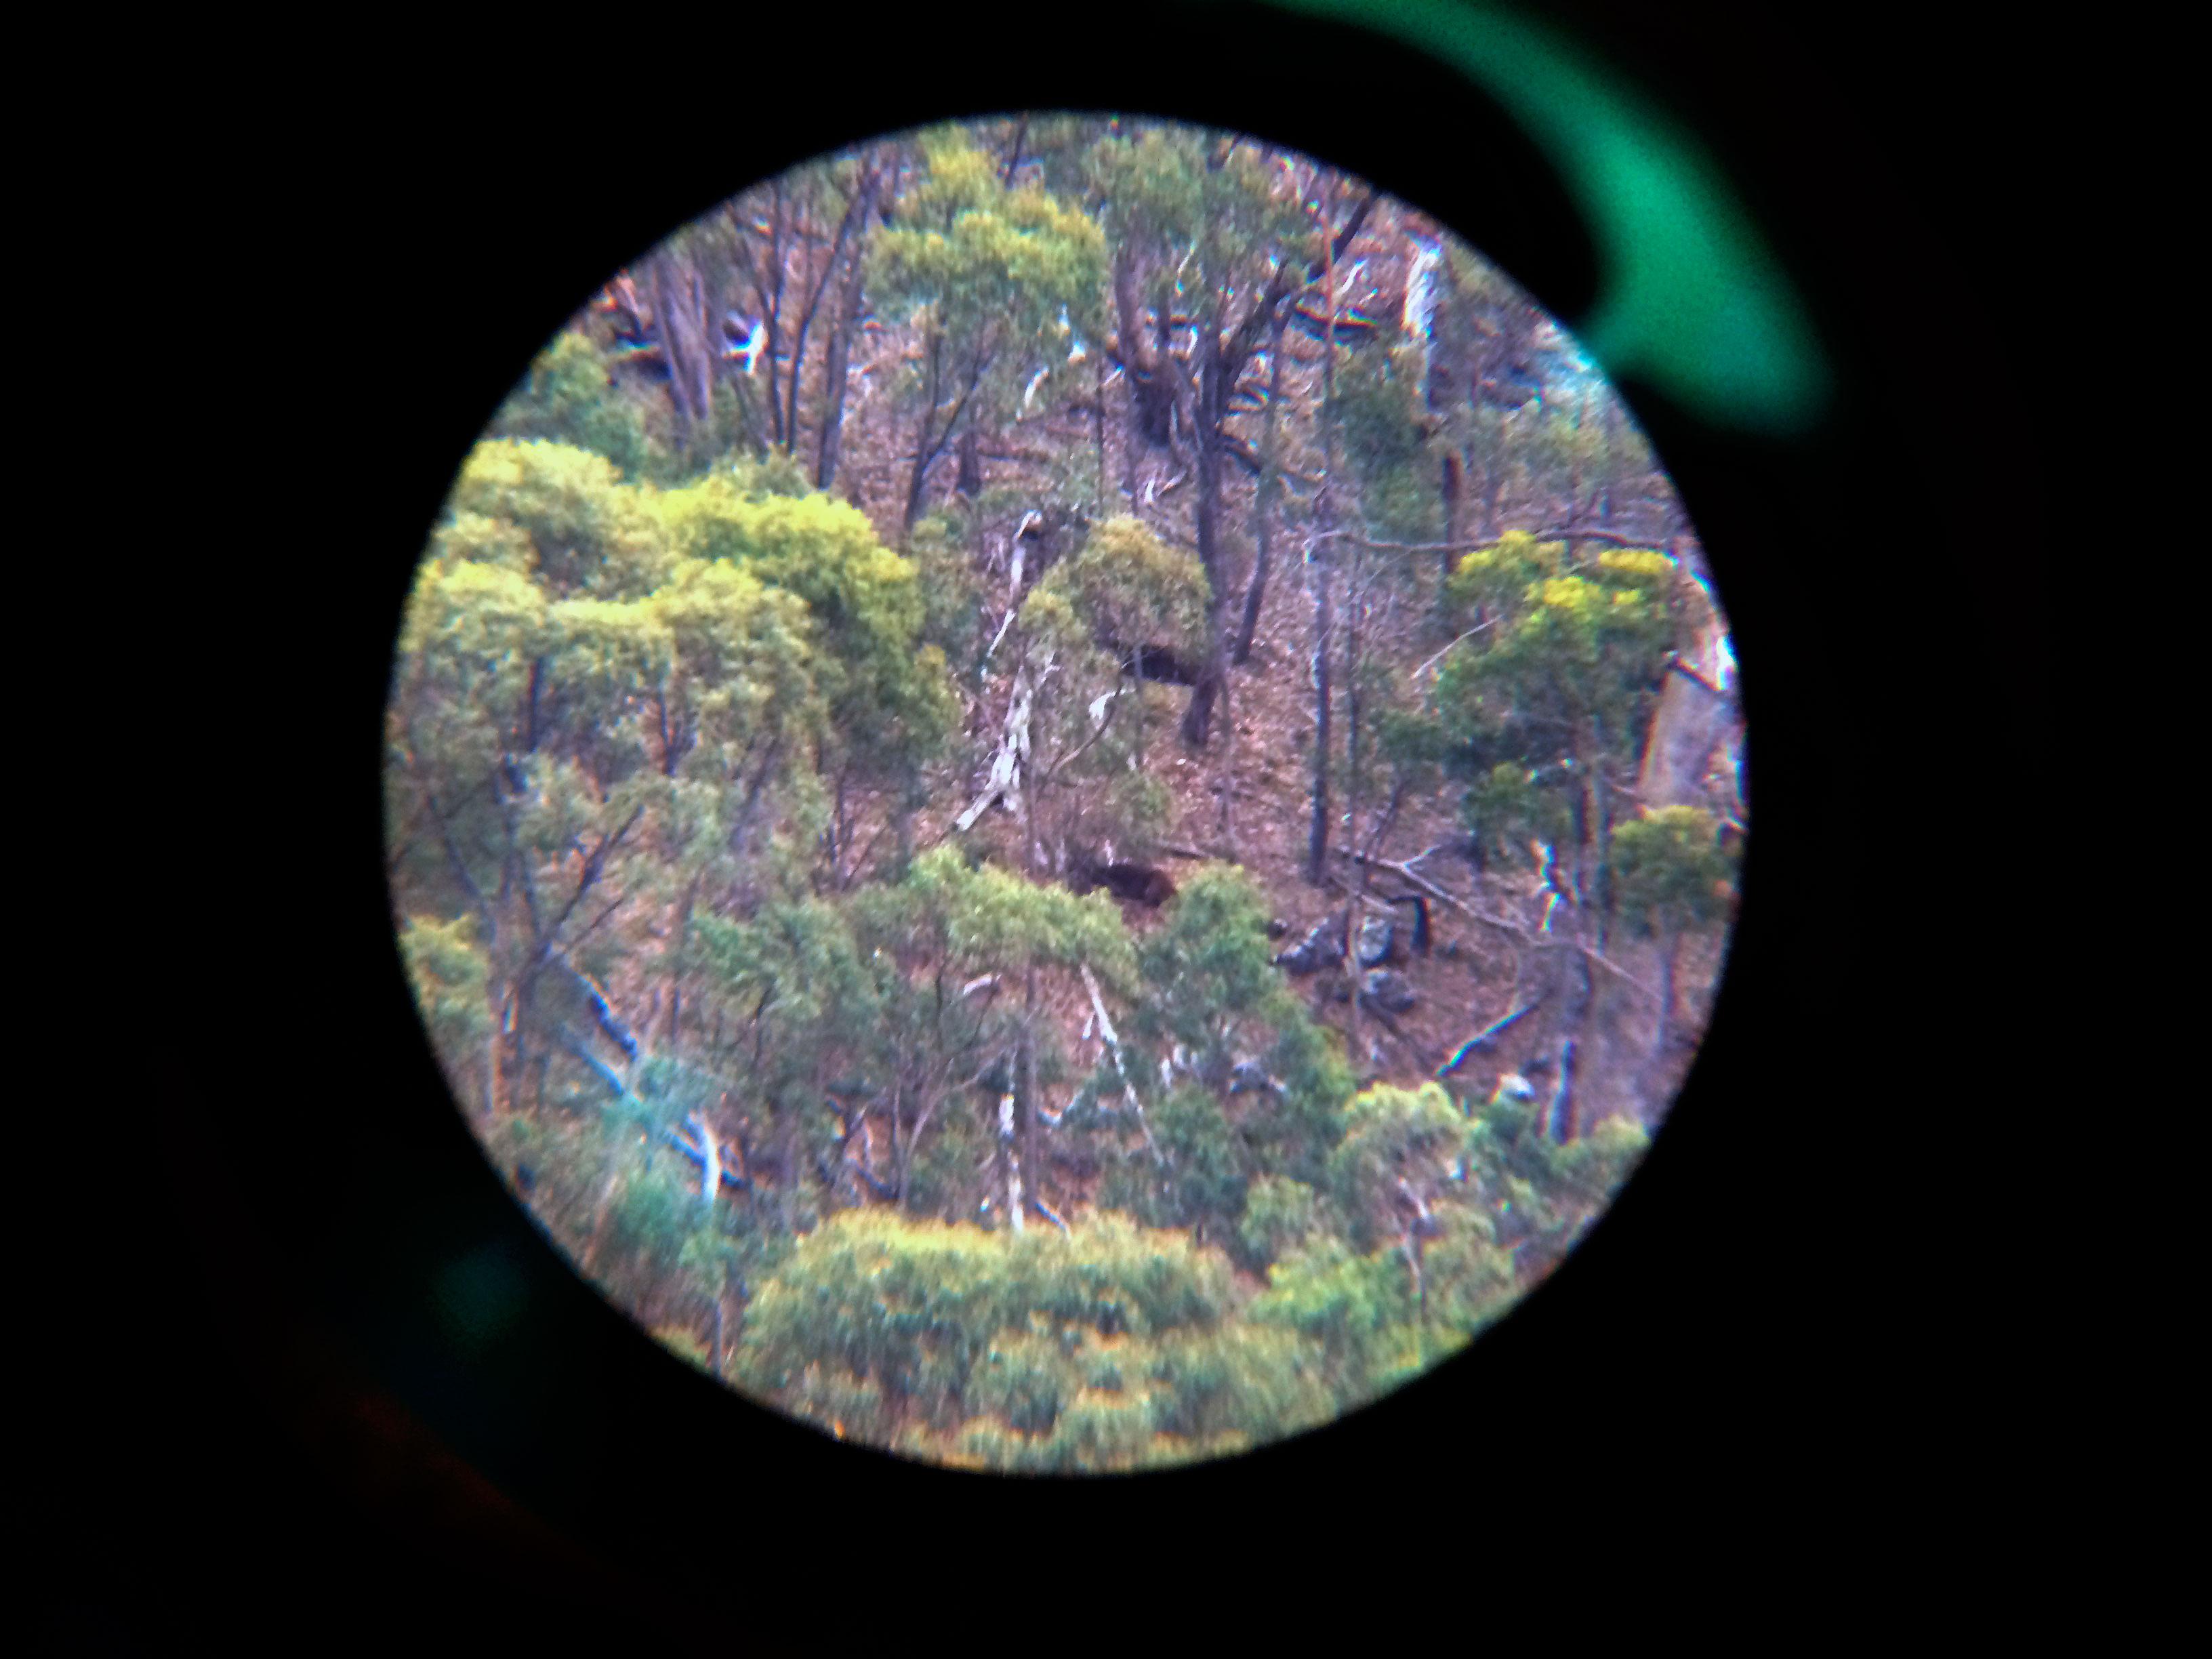 Deer in spotting scope